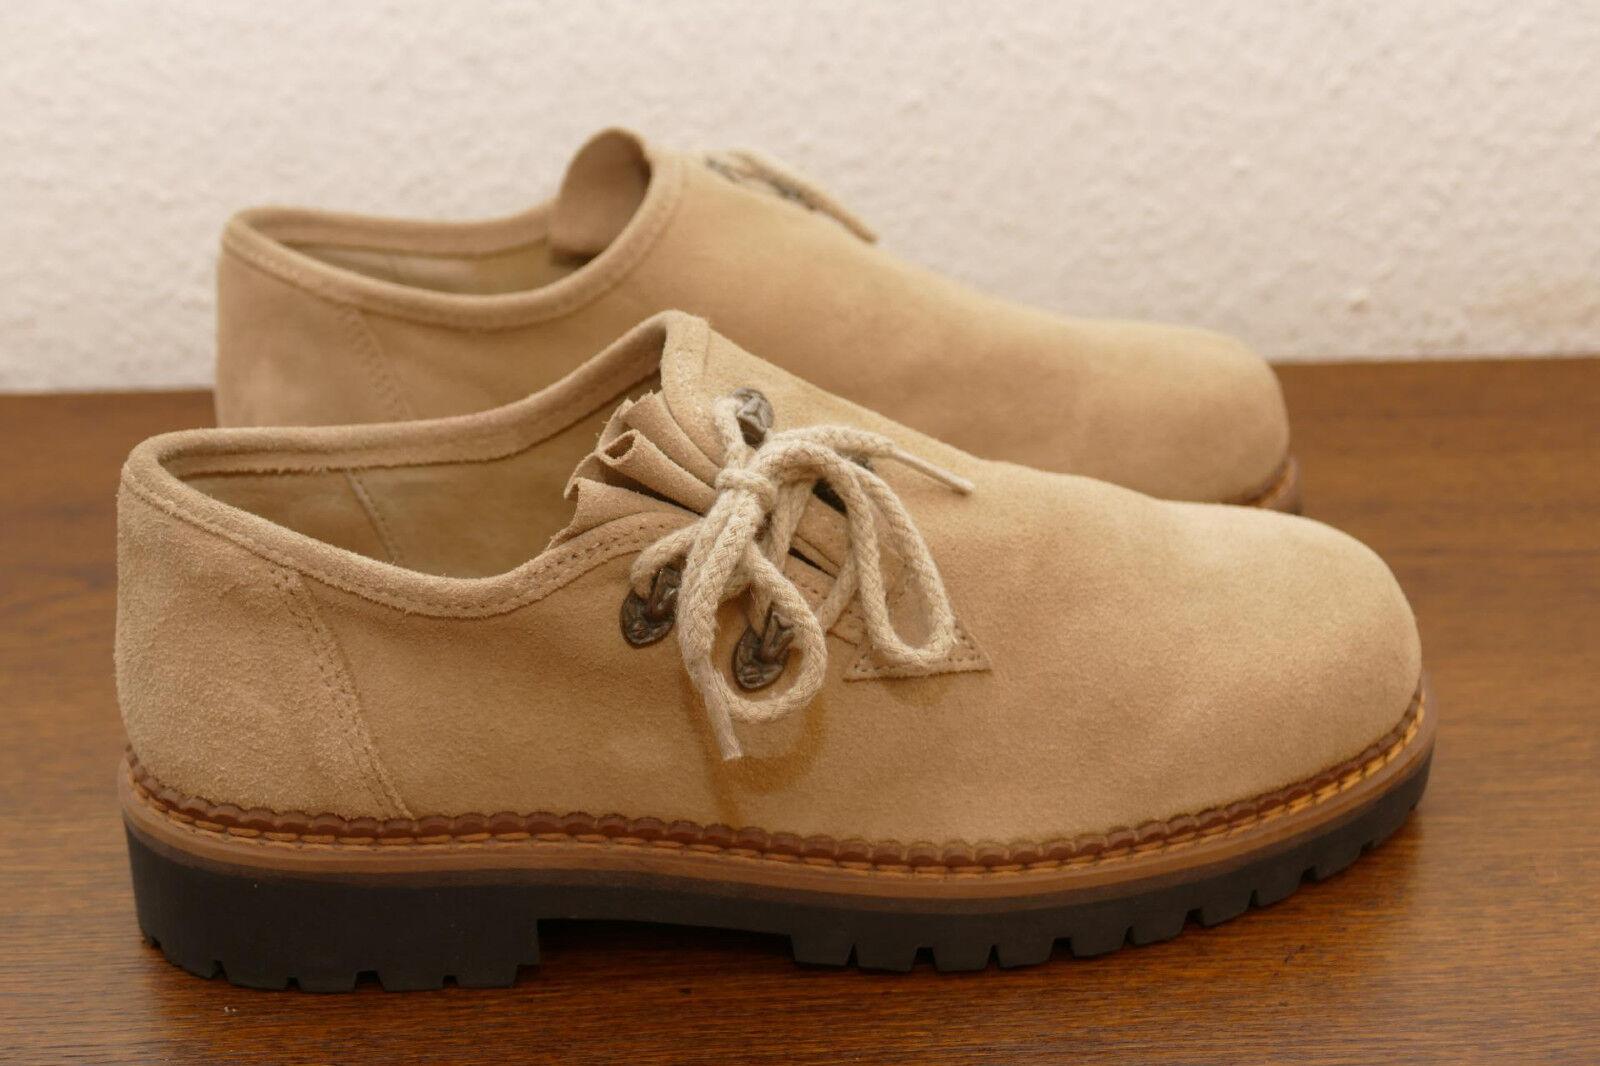 216---Stockerpoint Haferl Schuhe beige Rauhleder Gr 41   NEU